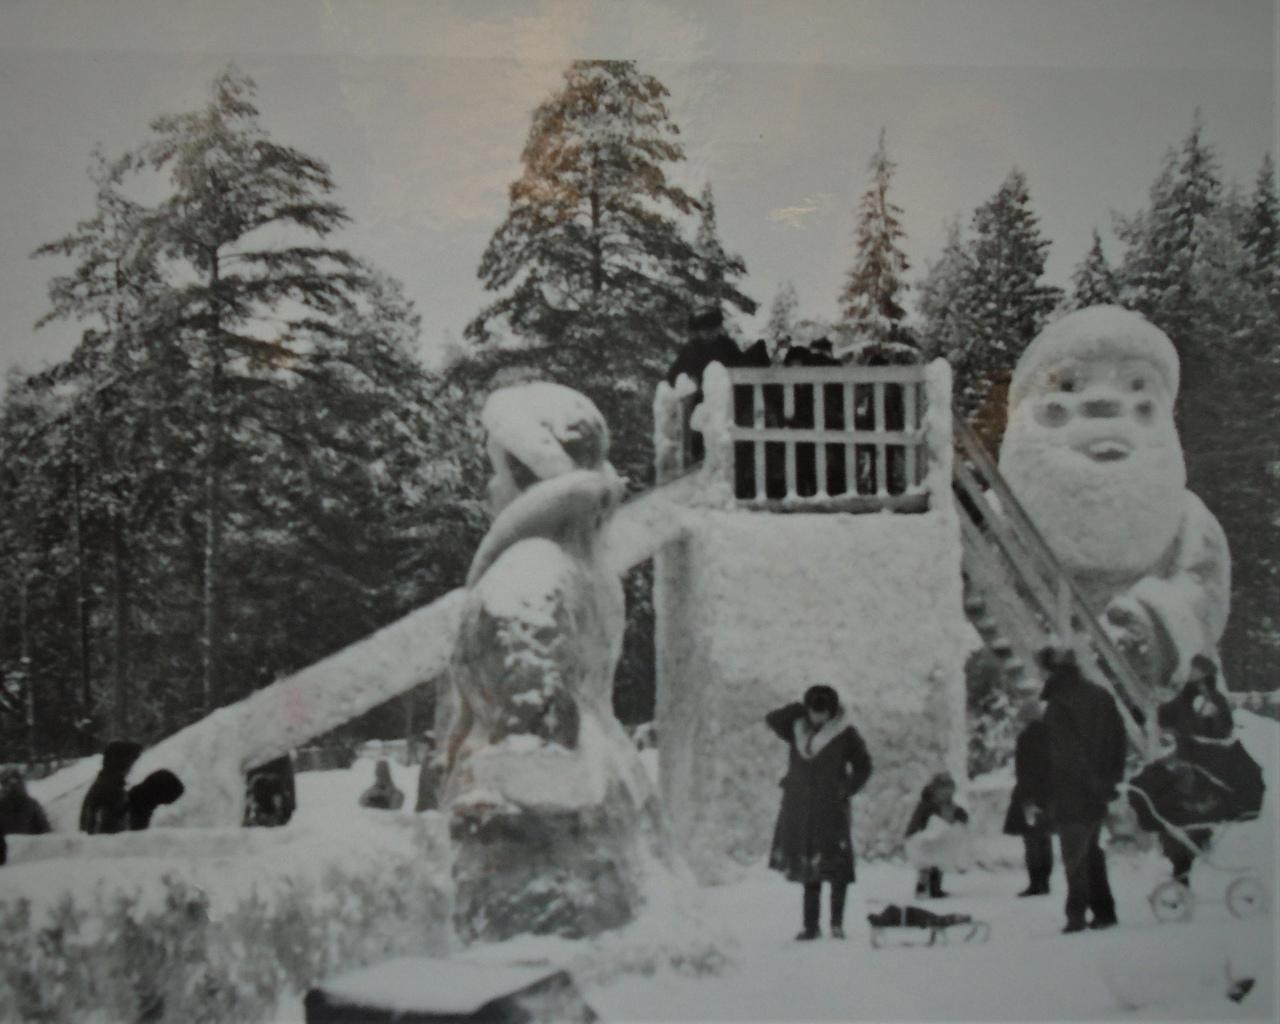 Трехметровые скульптуры и сказочные горки: как отмечали Новый год в Чепецке?